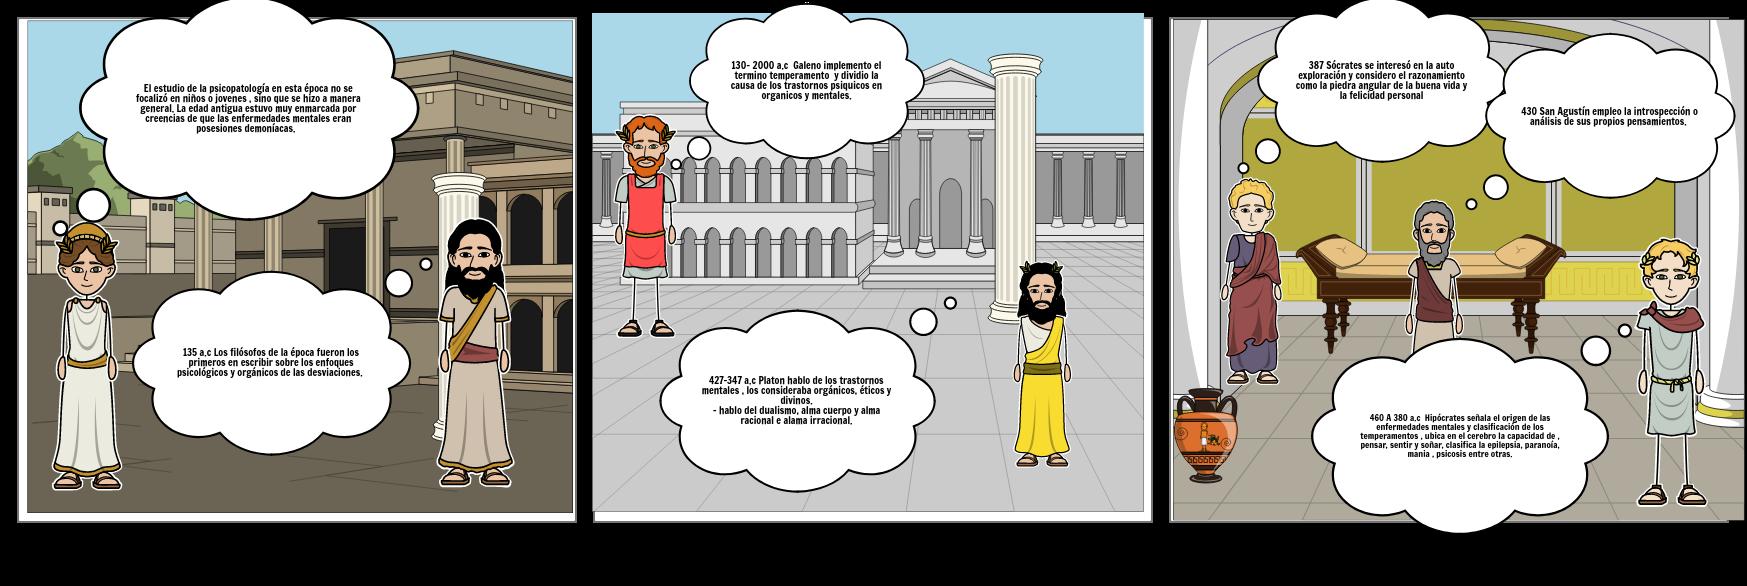 Periodo de tiempo Grecia - Edad antigua  Siglo V a.c.